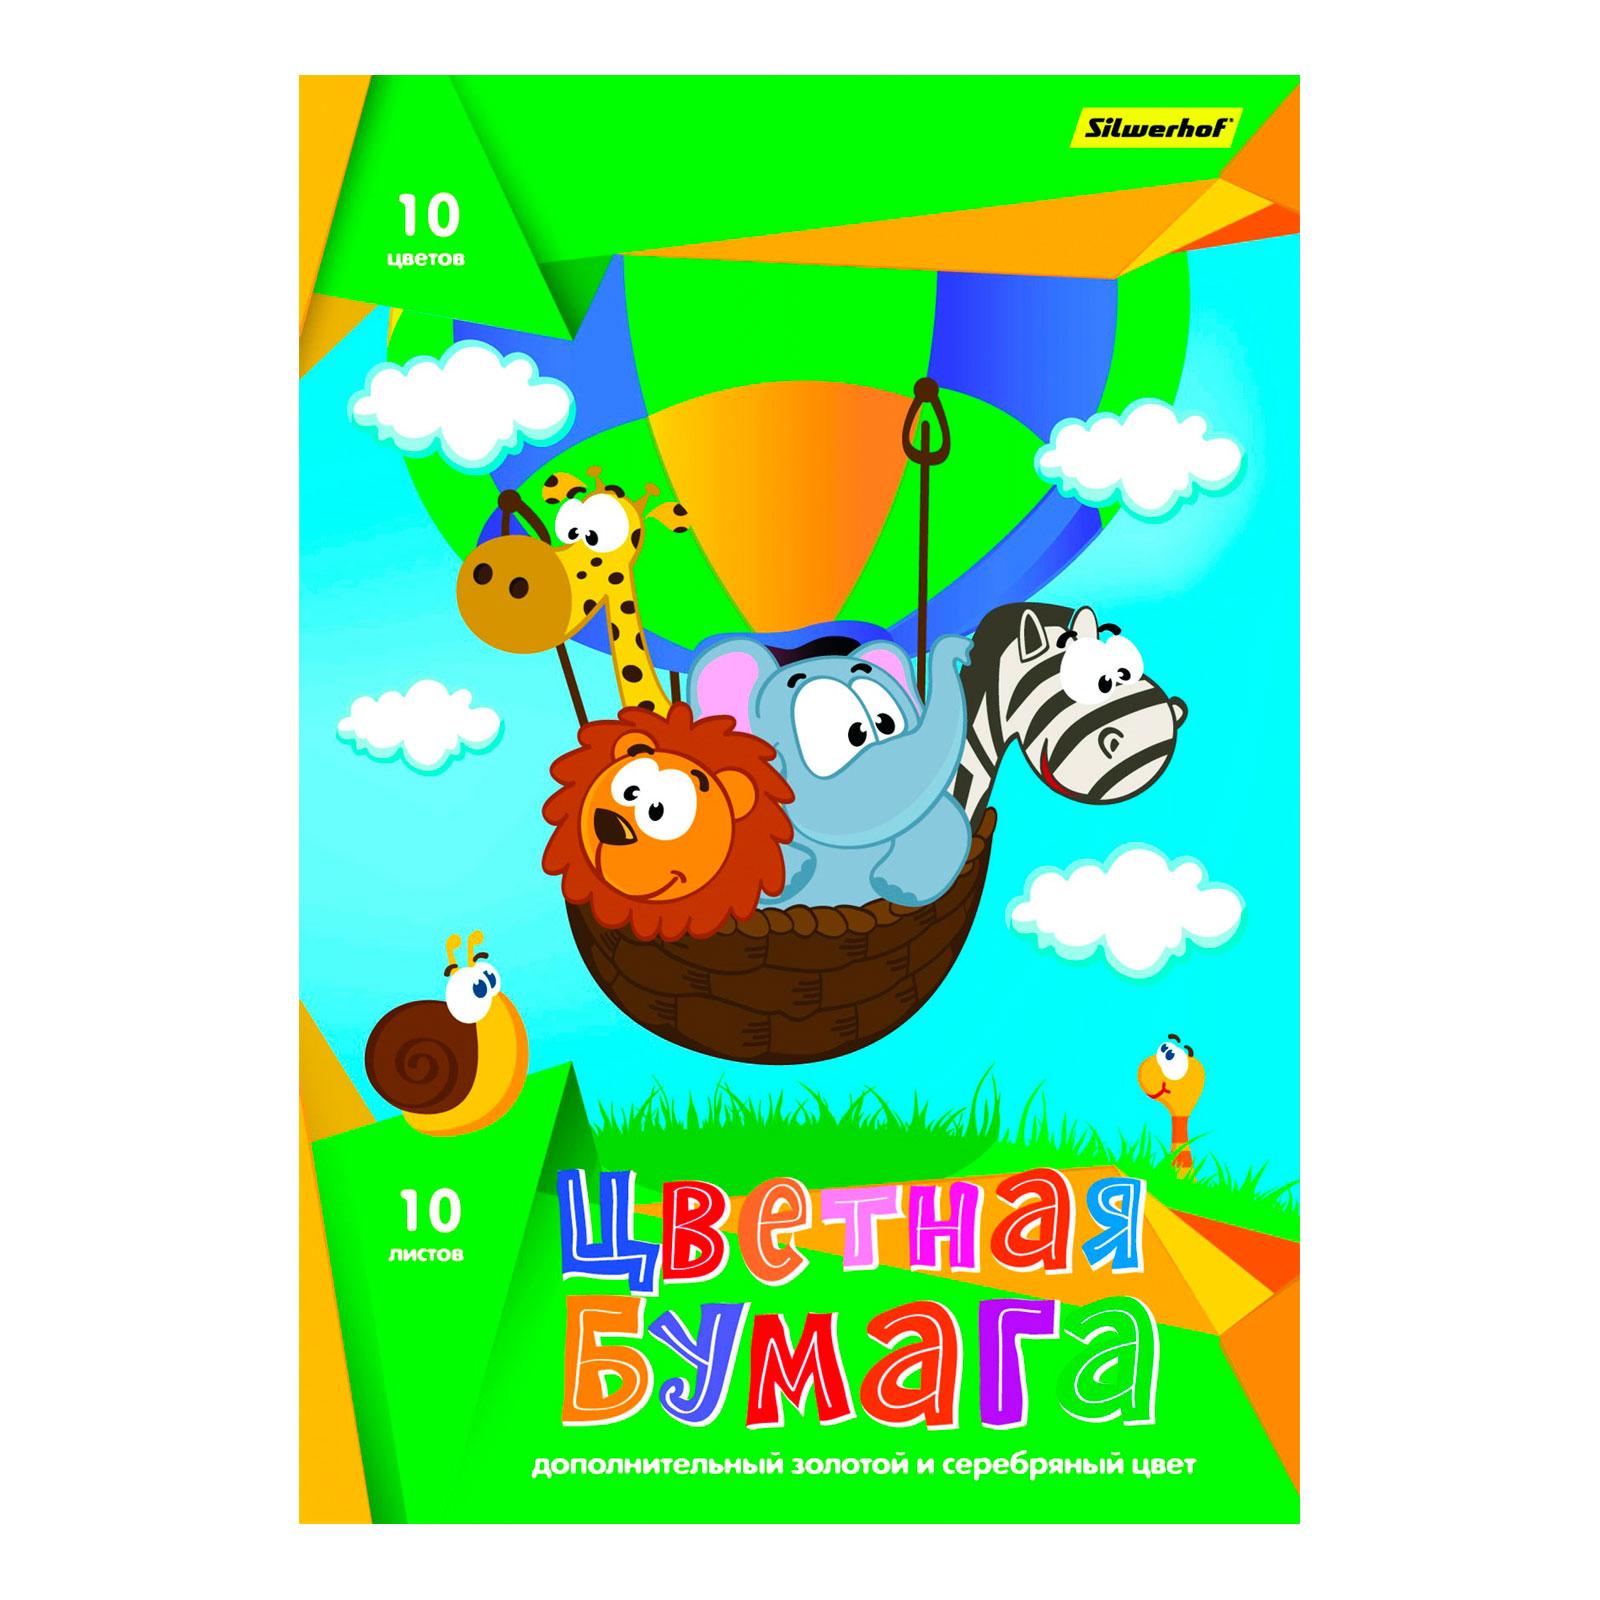 Цветная бумага Silwerhof 10 цветов /10 листов На воздушном шаре с дополнительными золотым и серебряным цветами